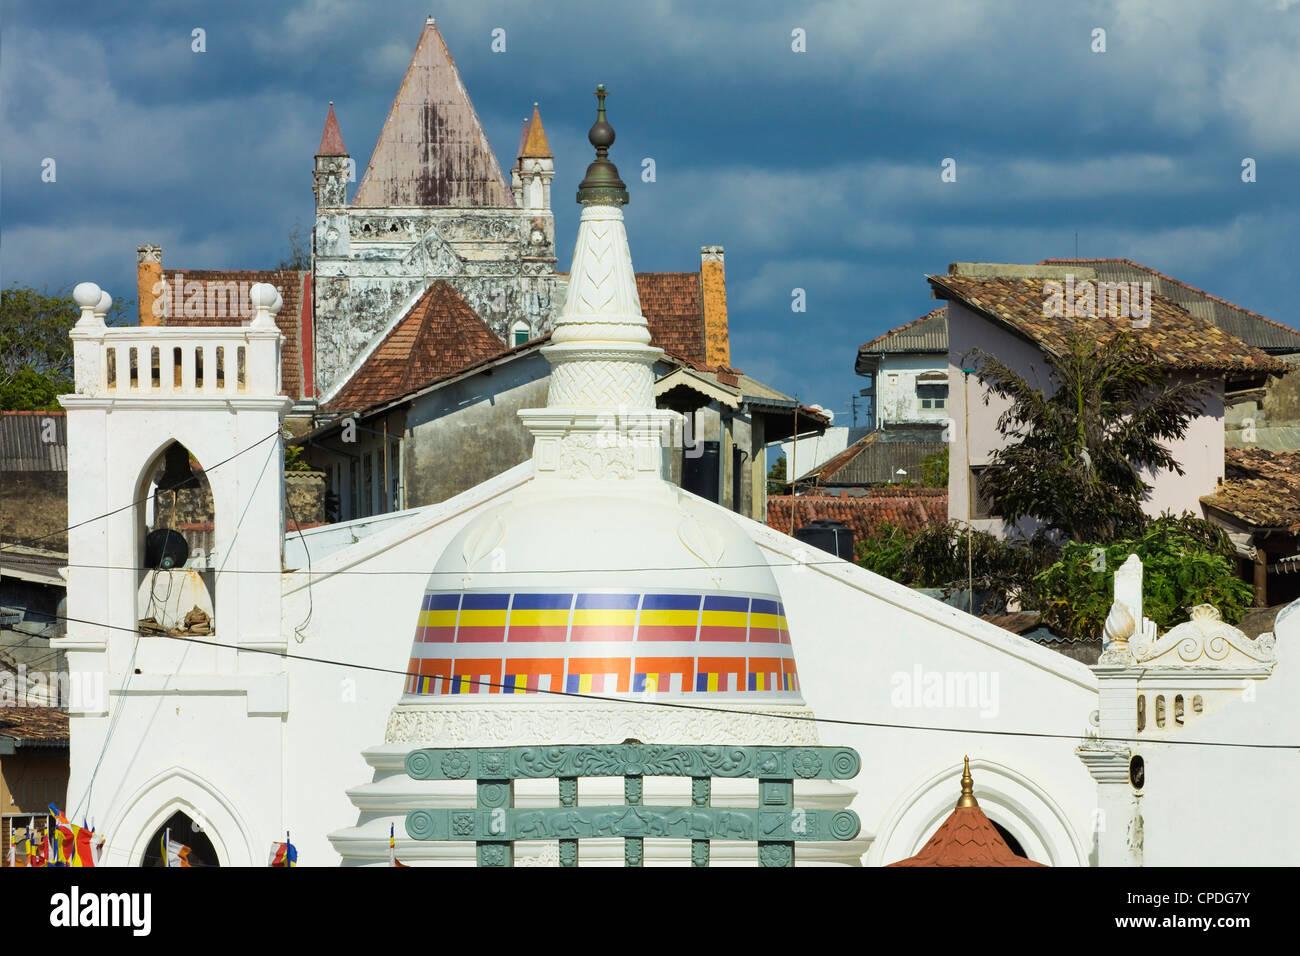 Shri Sudarmalaya buddhistischen Tempel und All Saints Anglican Church innerhalb des alten kolonialen niederländischen Stockbild